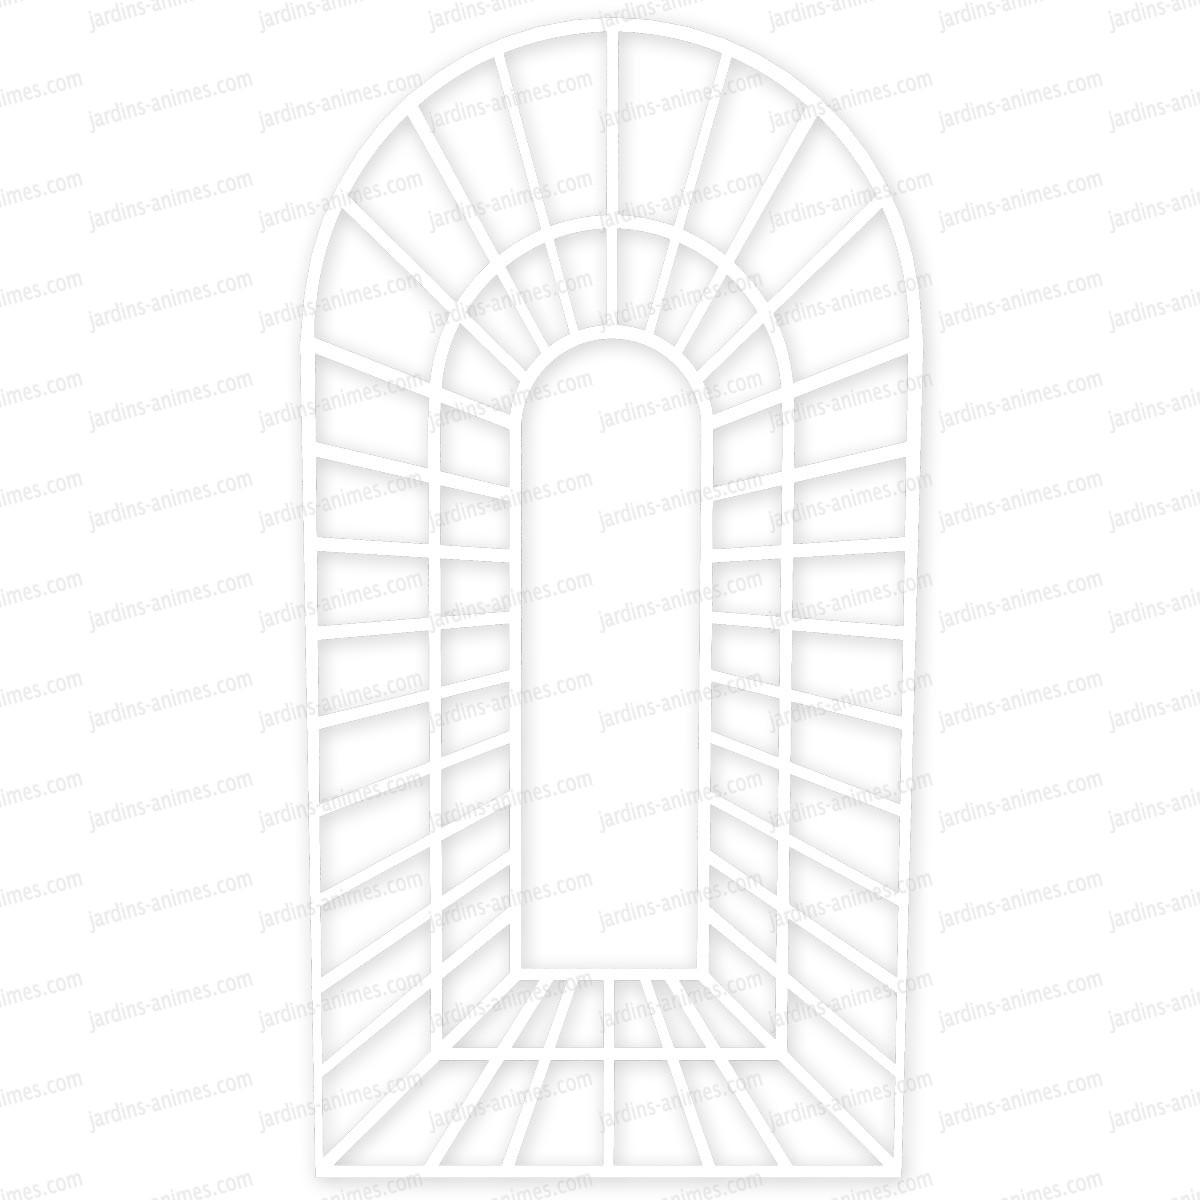 treillage trompe l 39 oeil x en bois peint en blanc treillages support grimpantes. Black Bedroom Furniture Sets. Home Design Ideas